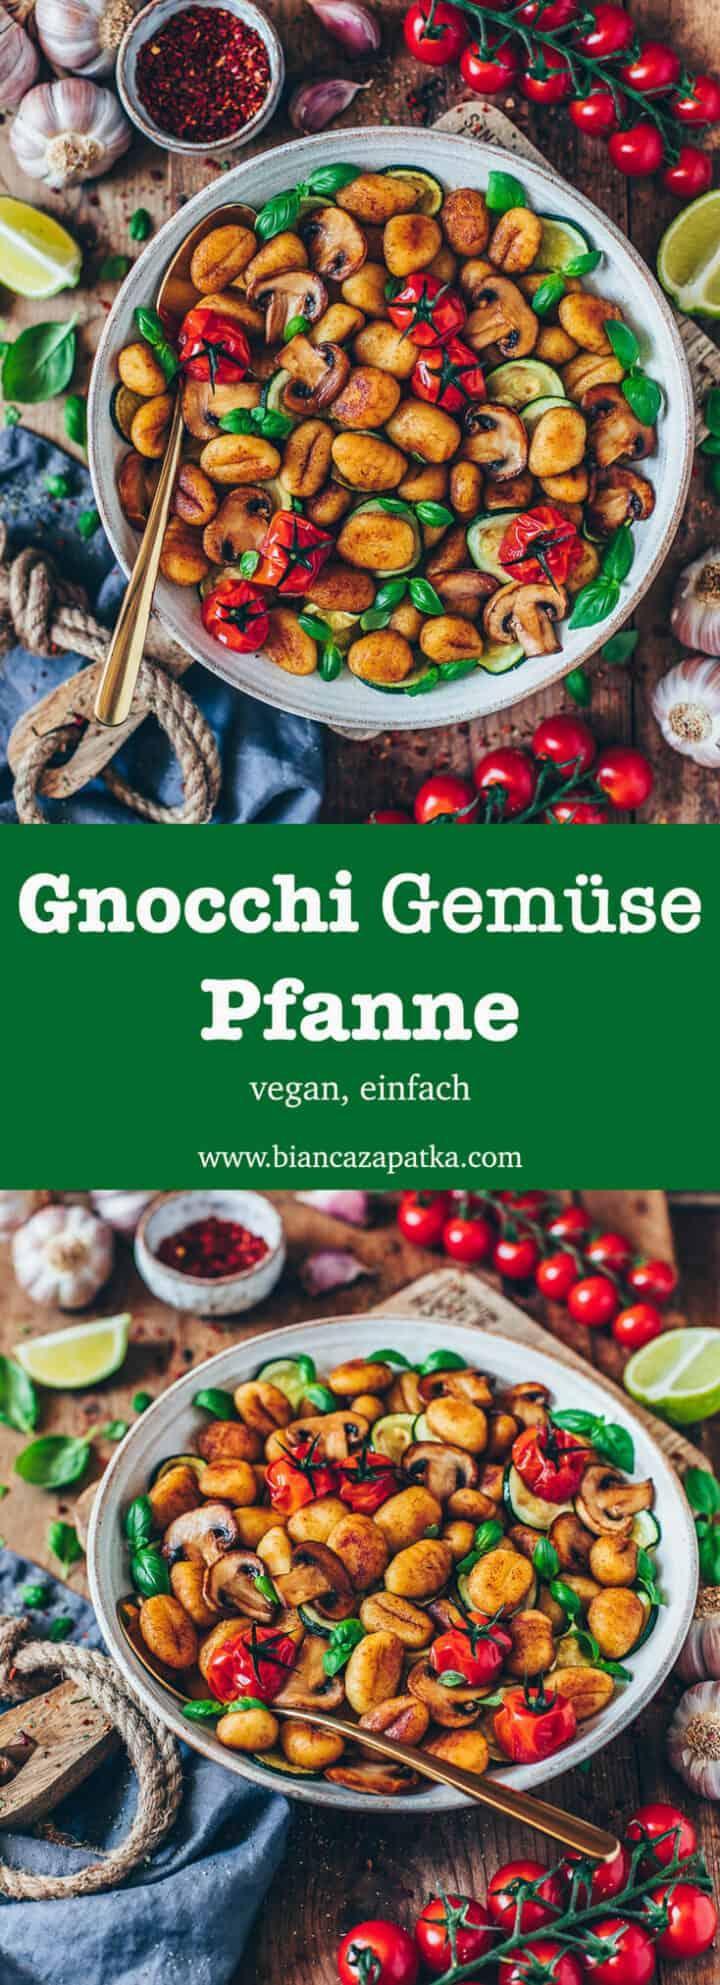 Ein einfaches Rezept für eine schnelle Gnocchi-Gemüse-Pfanne mit Zucchini, Pilzen und Tomaten. Dieses Gericht ist vegan, gesund, super lecker und dazu noch einfach zubereitet! Es ist also ein perfektes Mittag- oder Abendessen.